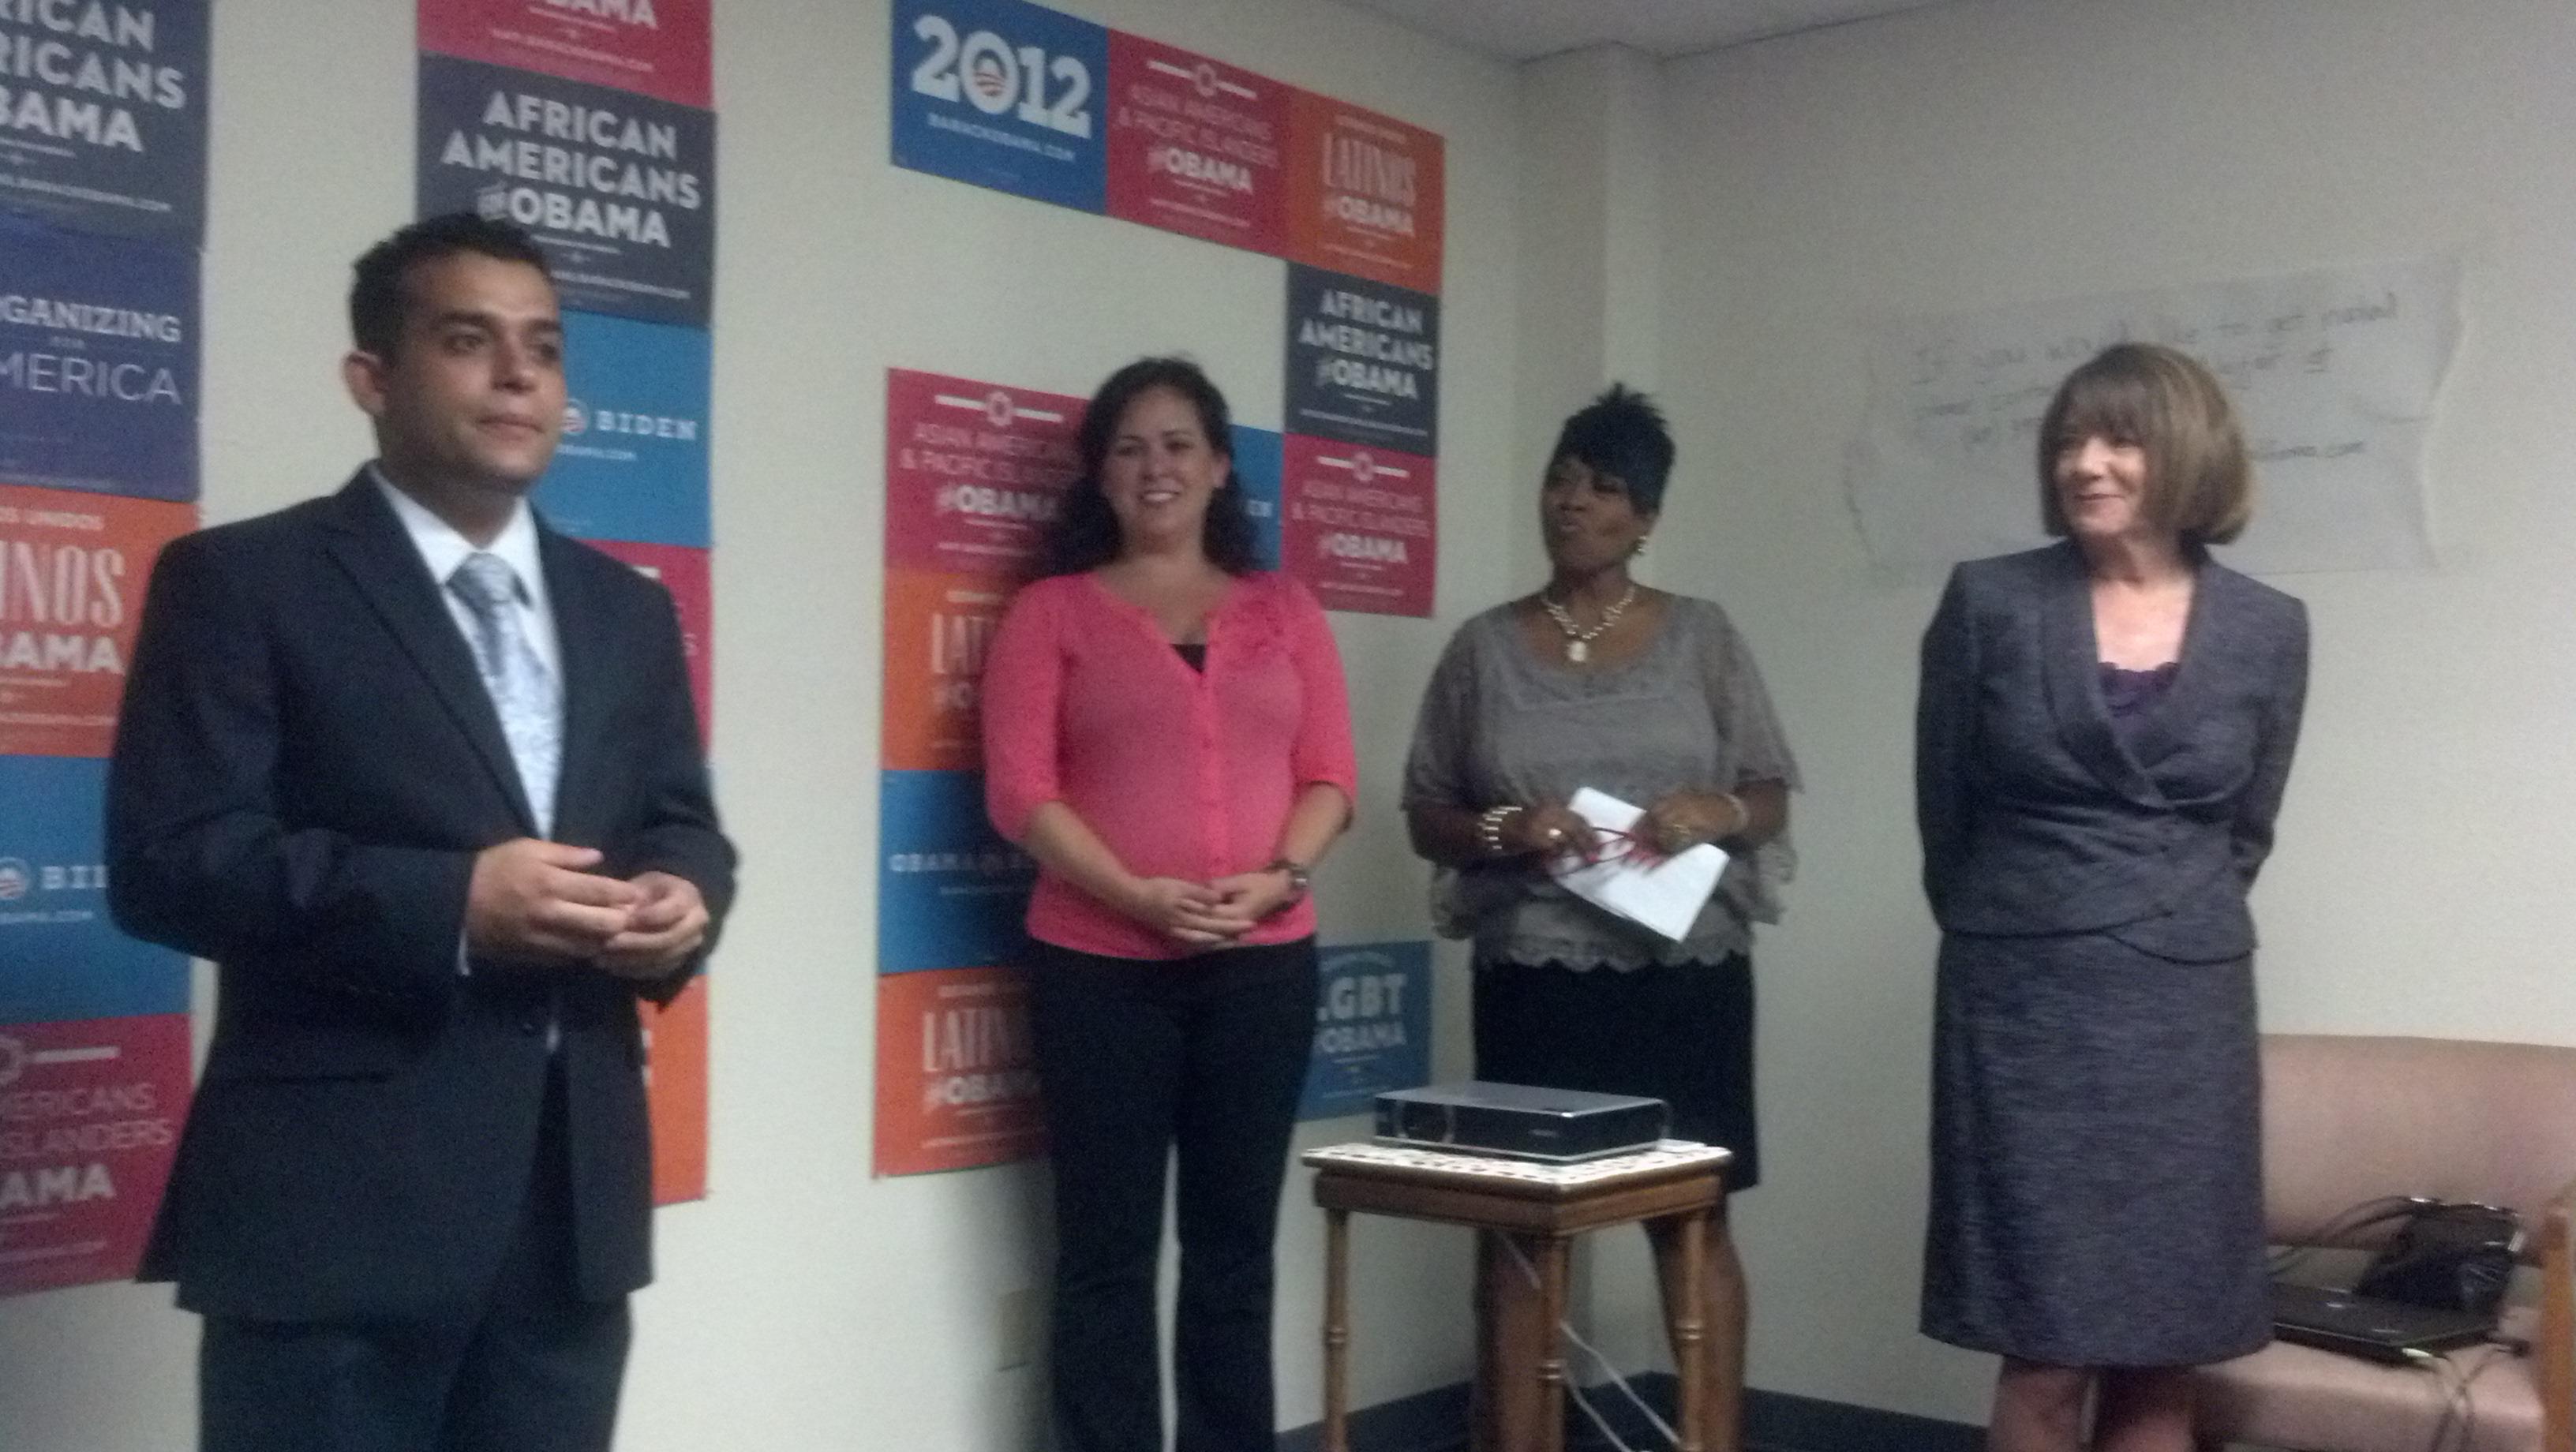 (L to R): Will Rodriguez-Kennedy, Lorena Gonzalez, Vanessa Jackson, Susan Davis